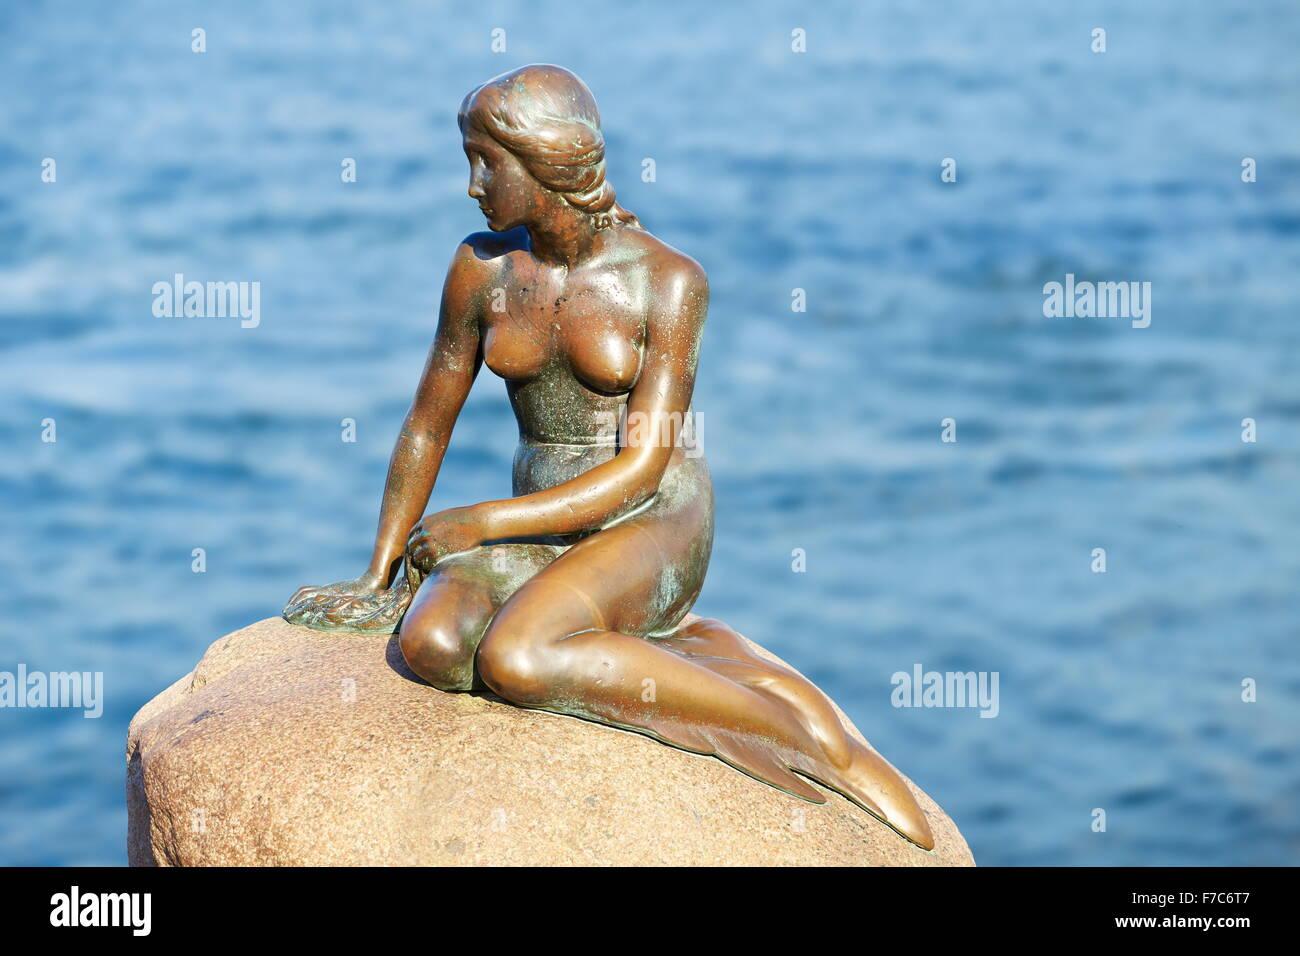 The Little Mermaid Statue, Copenhagen, Denmark - Stock Image